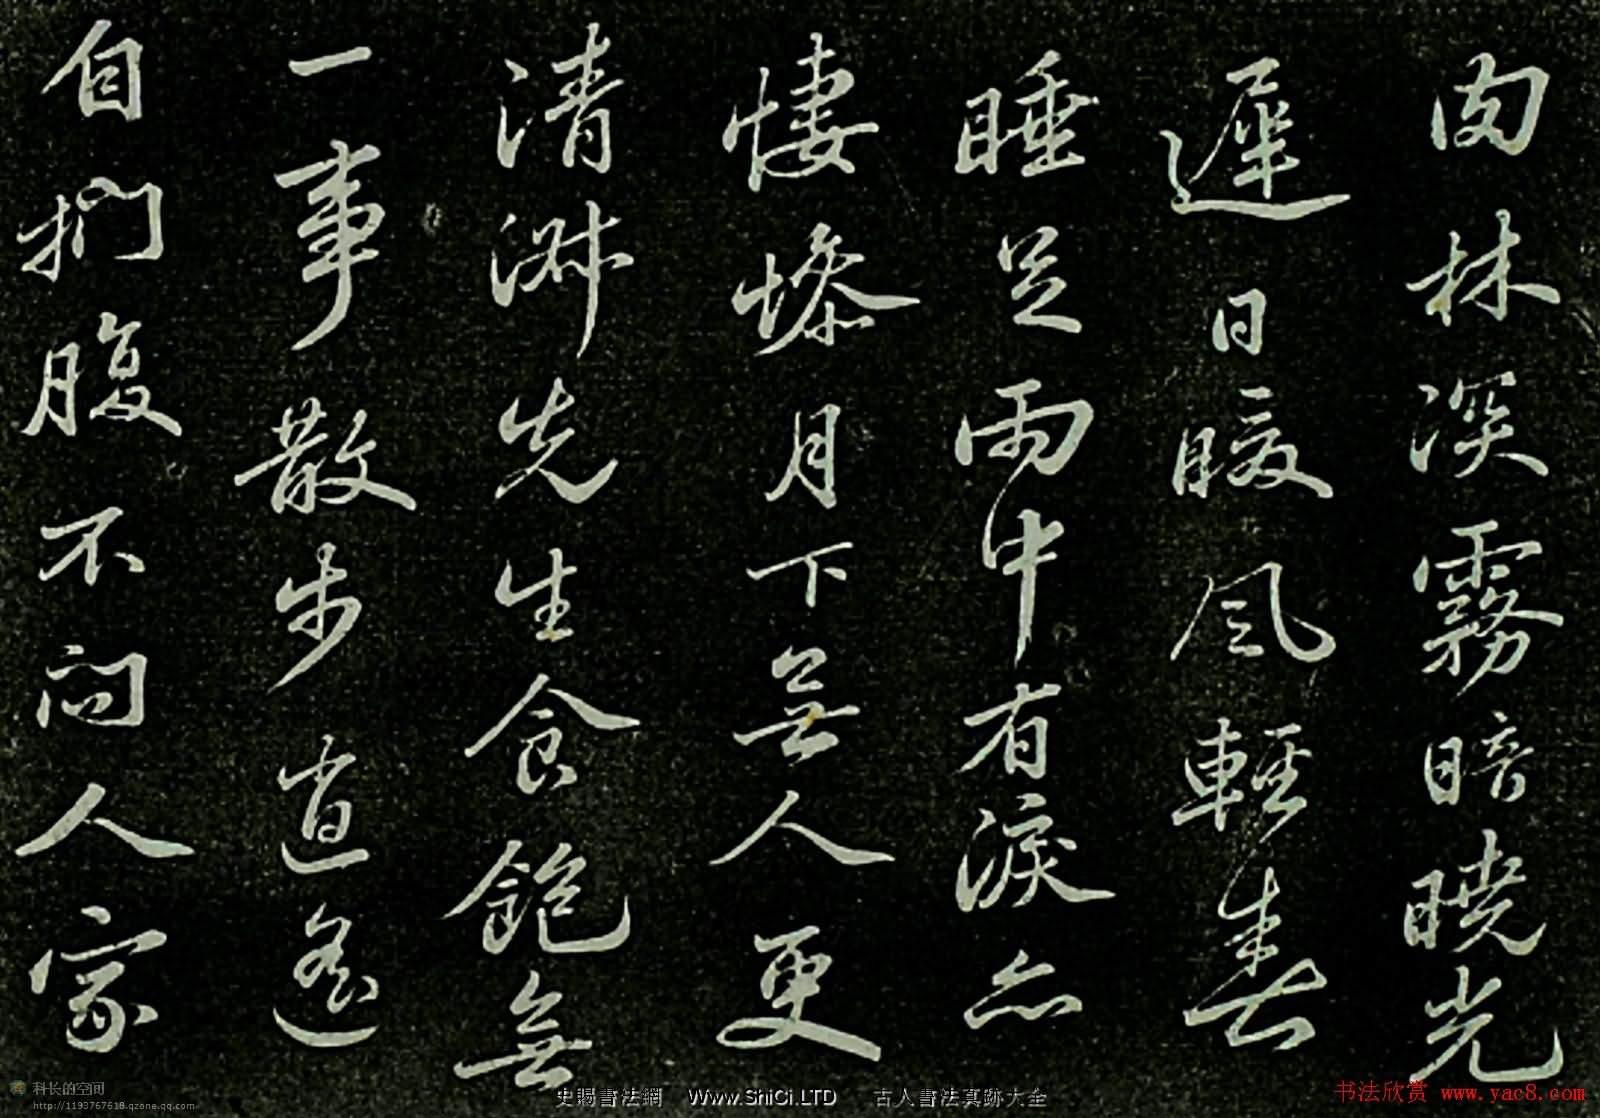 蘇東坡書法欣賞《定慧院海棠詩》